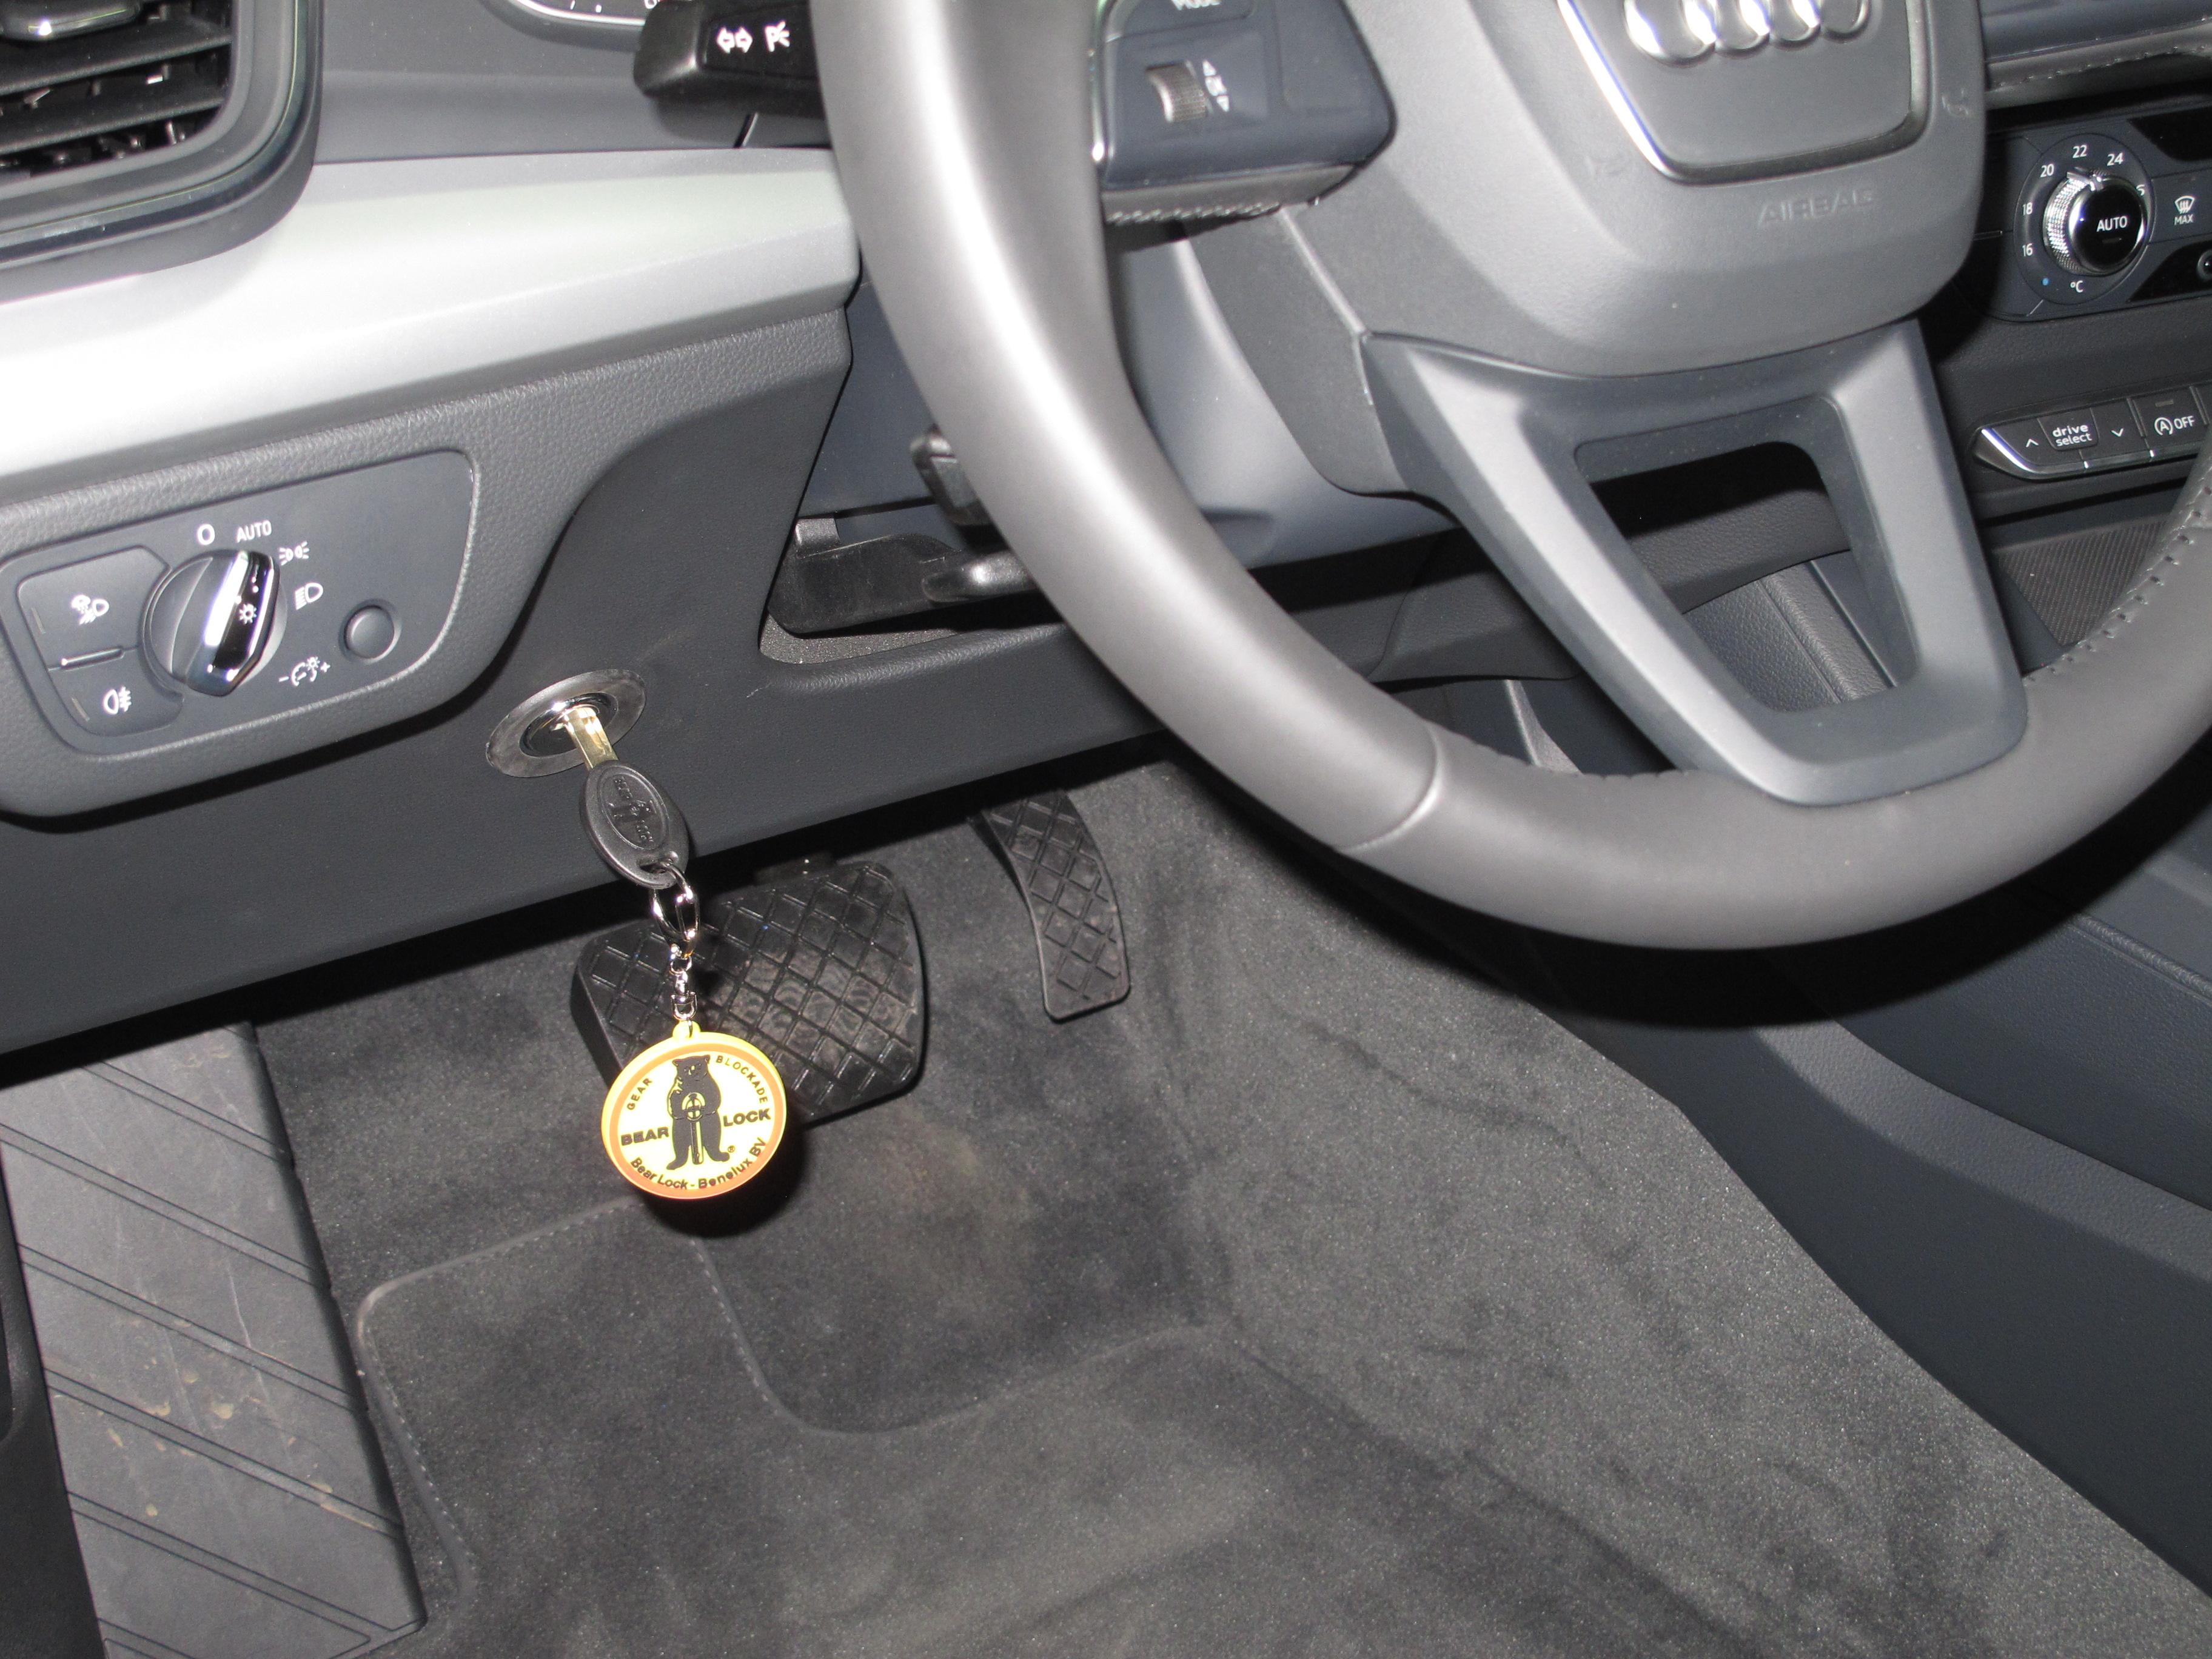 """Нові розробки систем захисту авто від викрадення  """"Bear-Lock"""", жовтень, 2017/замок на руль AUDI Q5 та інші"""